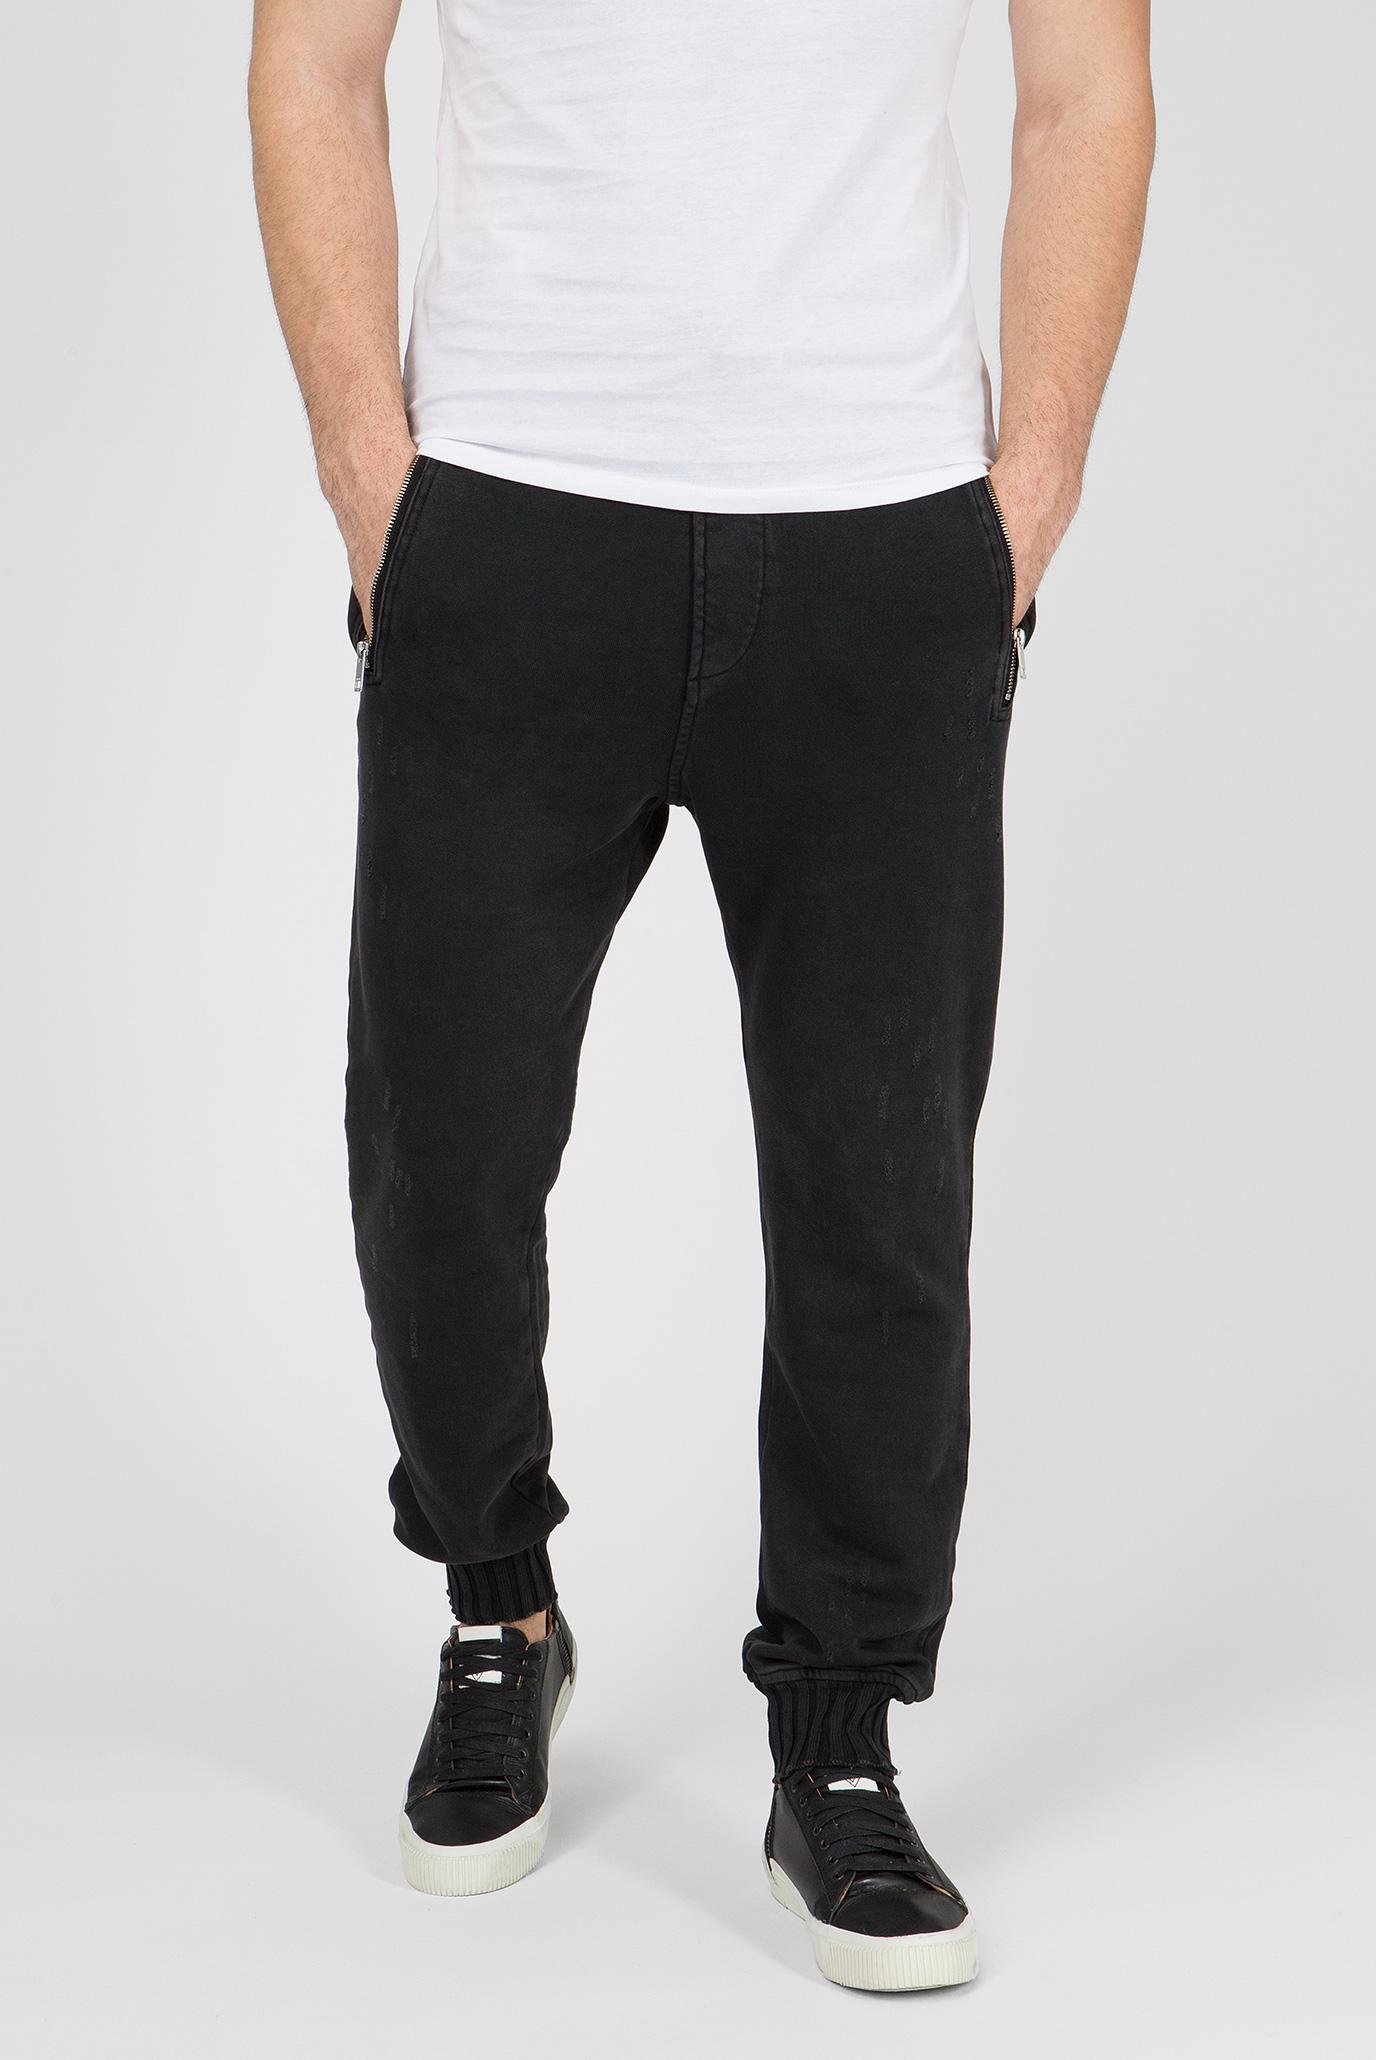 Купить Мужские черные спортивные брюки P-DOC PANTALONI Diesel Diesel 00SIDW 0JATA – Киев, Украина. Цены в интернет магазине MD Fashion